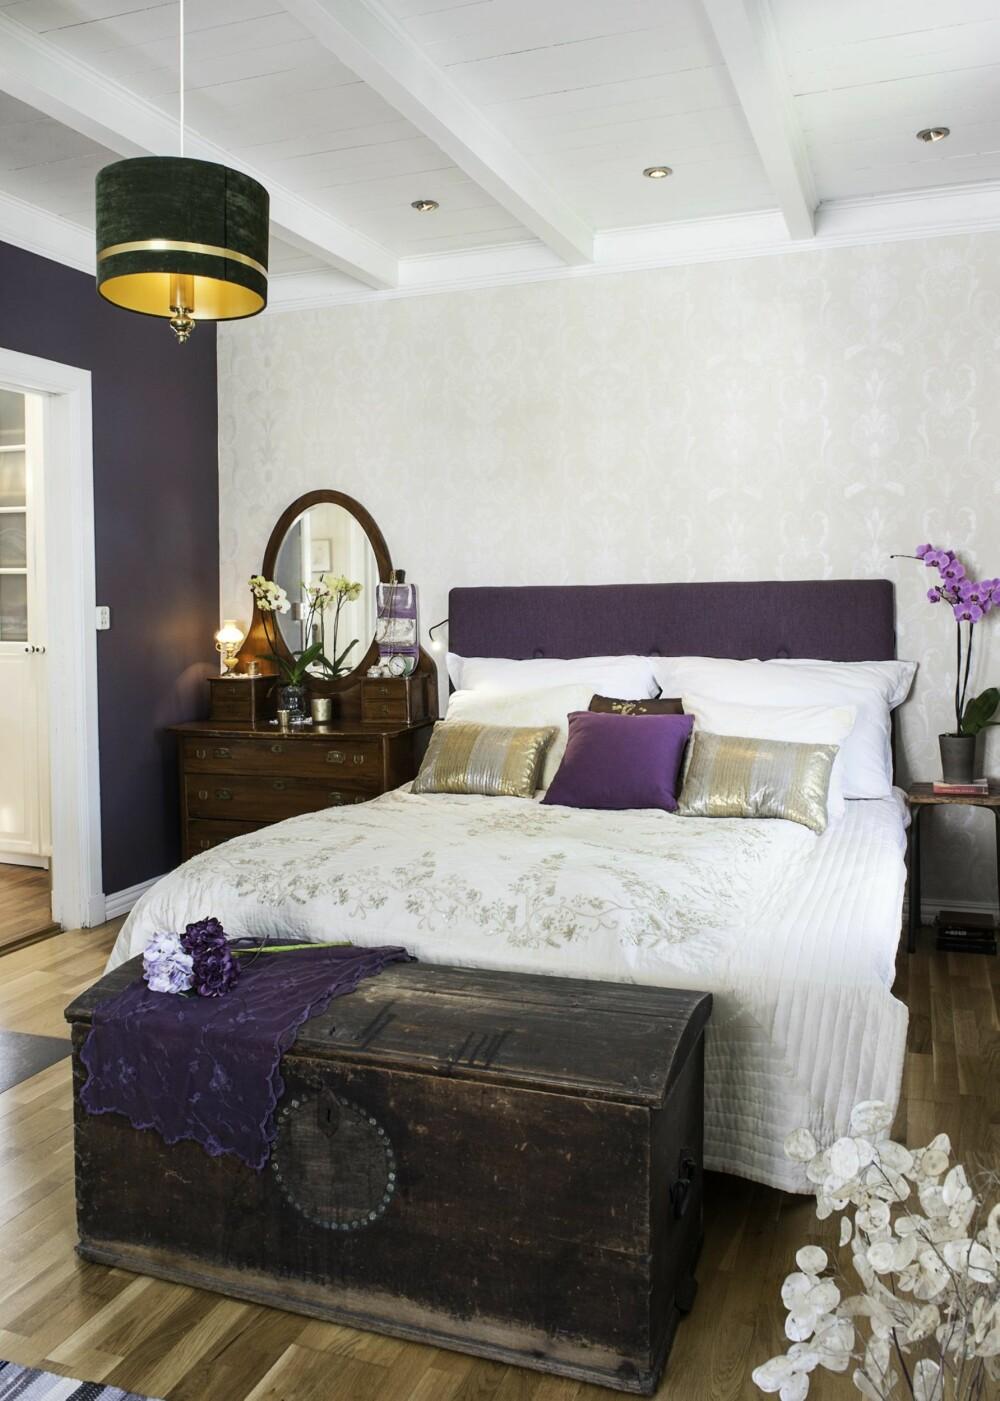 VARME VEGGER: På soverommet er den ene veggen malt i mørk aubergine, en fin kontrast til tapetet fra Storeys, som henger igjen fra før paret bygget om og det varstue her. Taklampen er et bruktfunn, mens kisten sto på loftet da de flyttet inn. Martes sminkebord er fra Fretex.